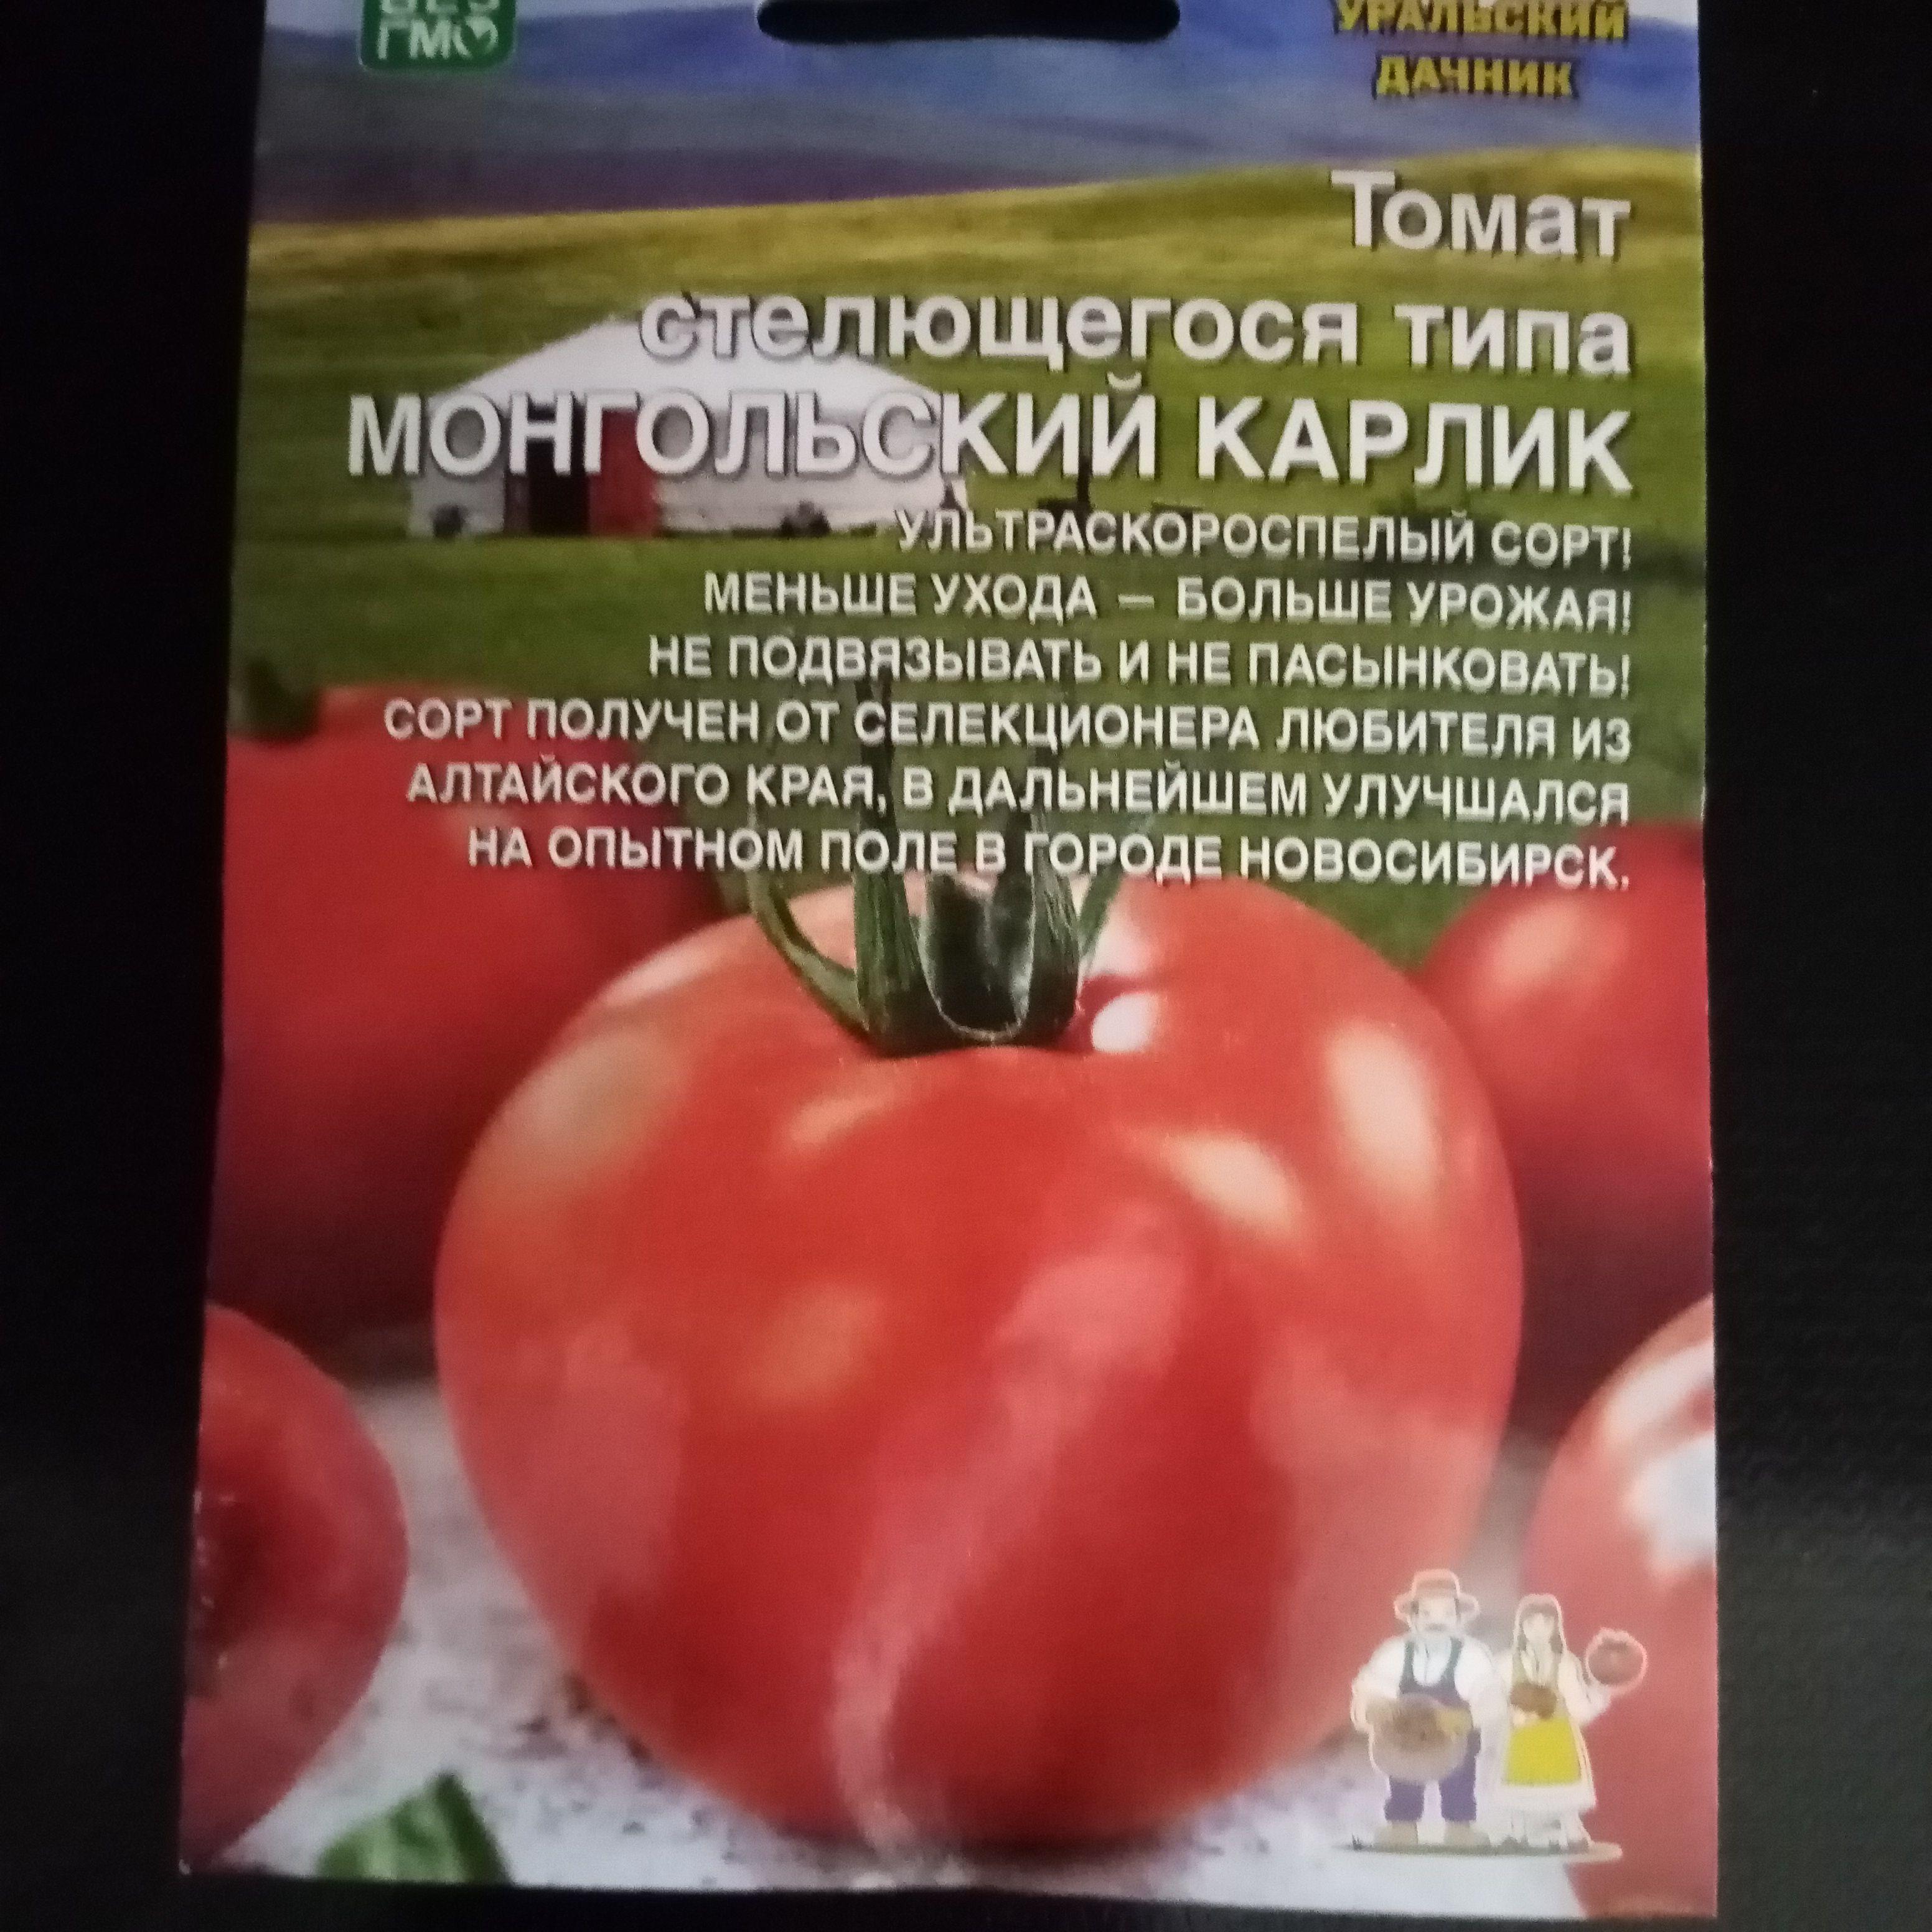 Томат великосветский: описание сорта, фото, отзывы, урожайность